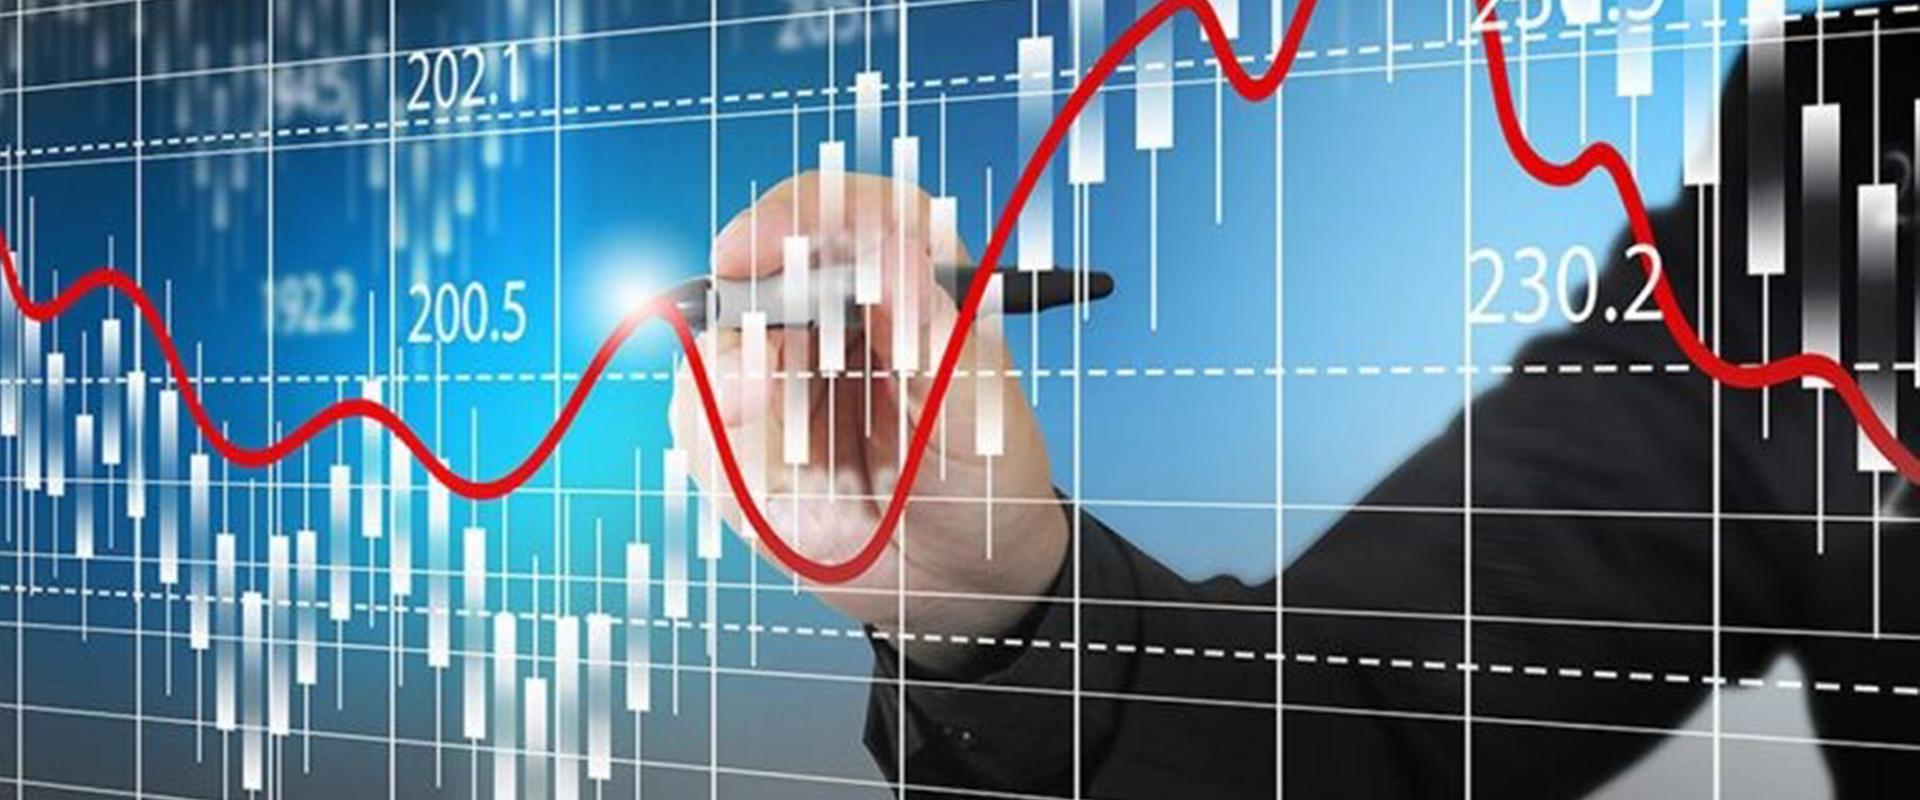 قیمت پایانی سهم چیست؟